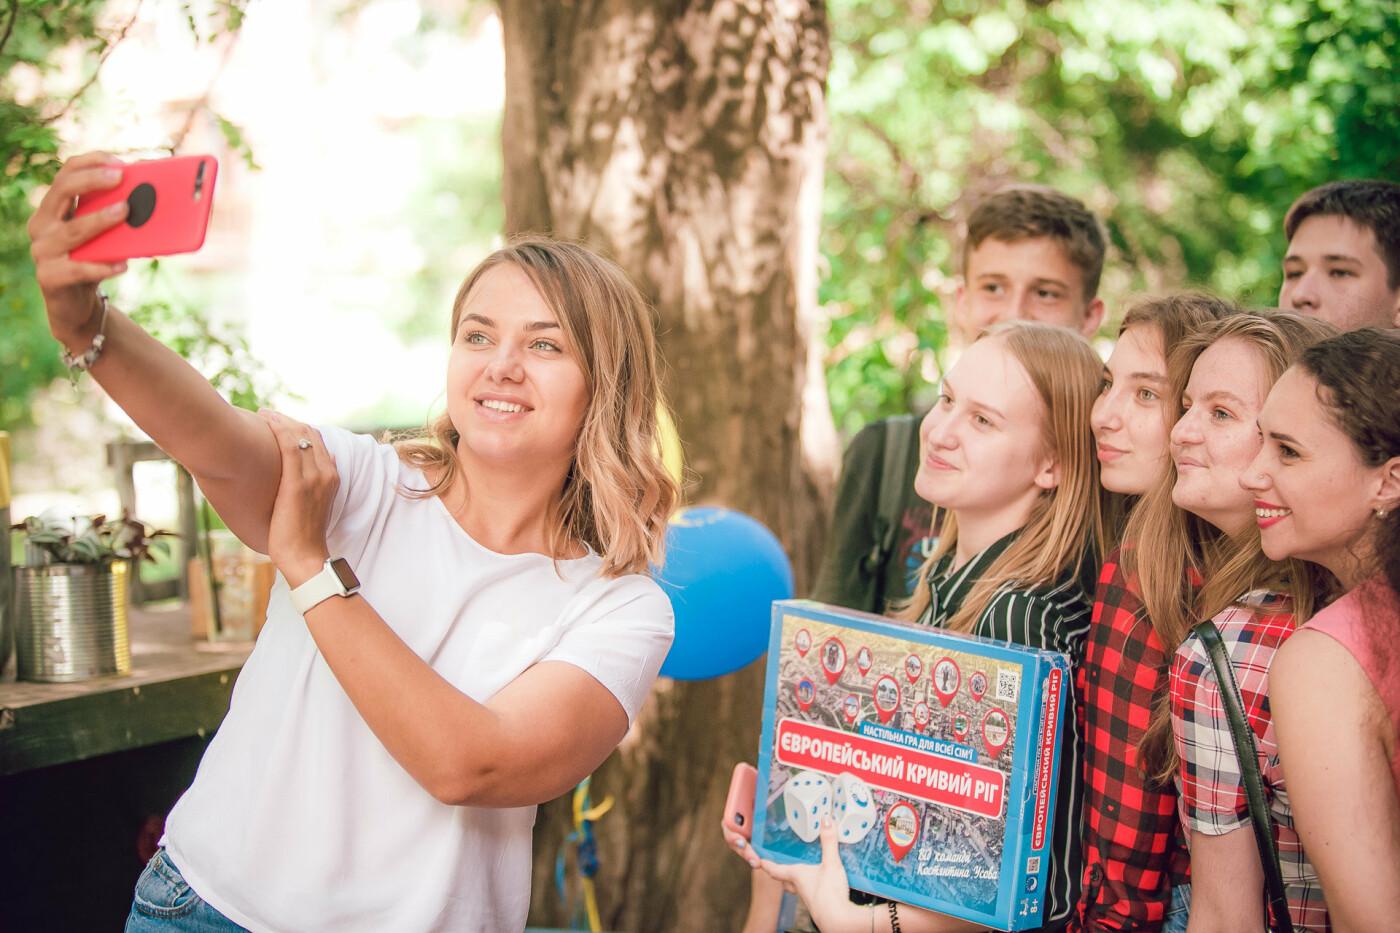 Команда Константина Усова разработала детскую настольную игру «монополия» про Кривой Рог, фото-7